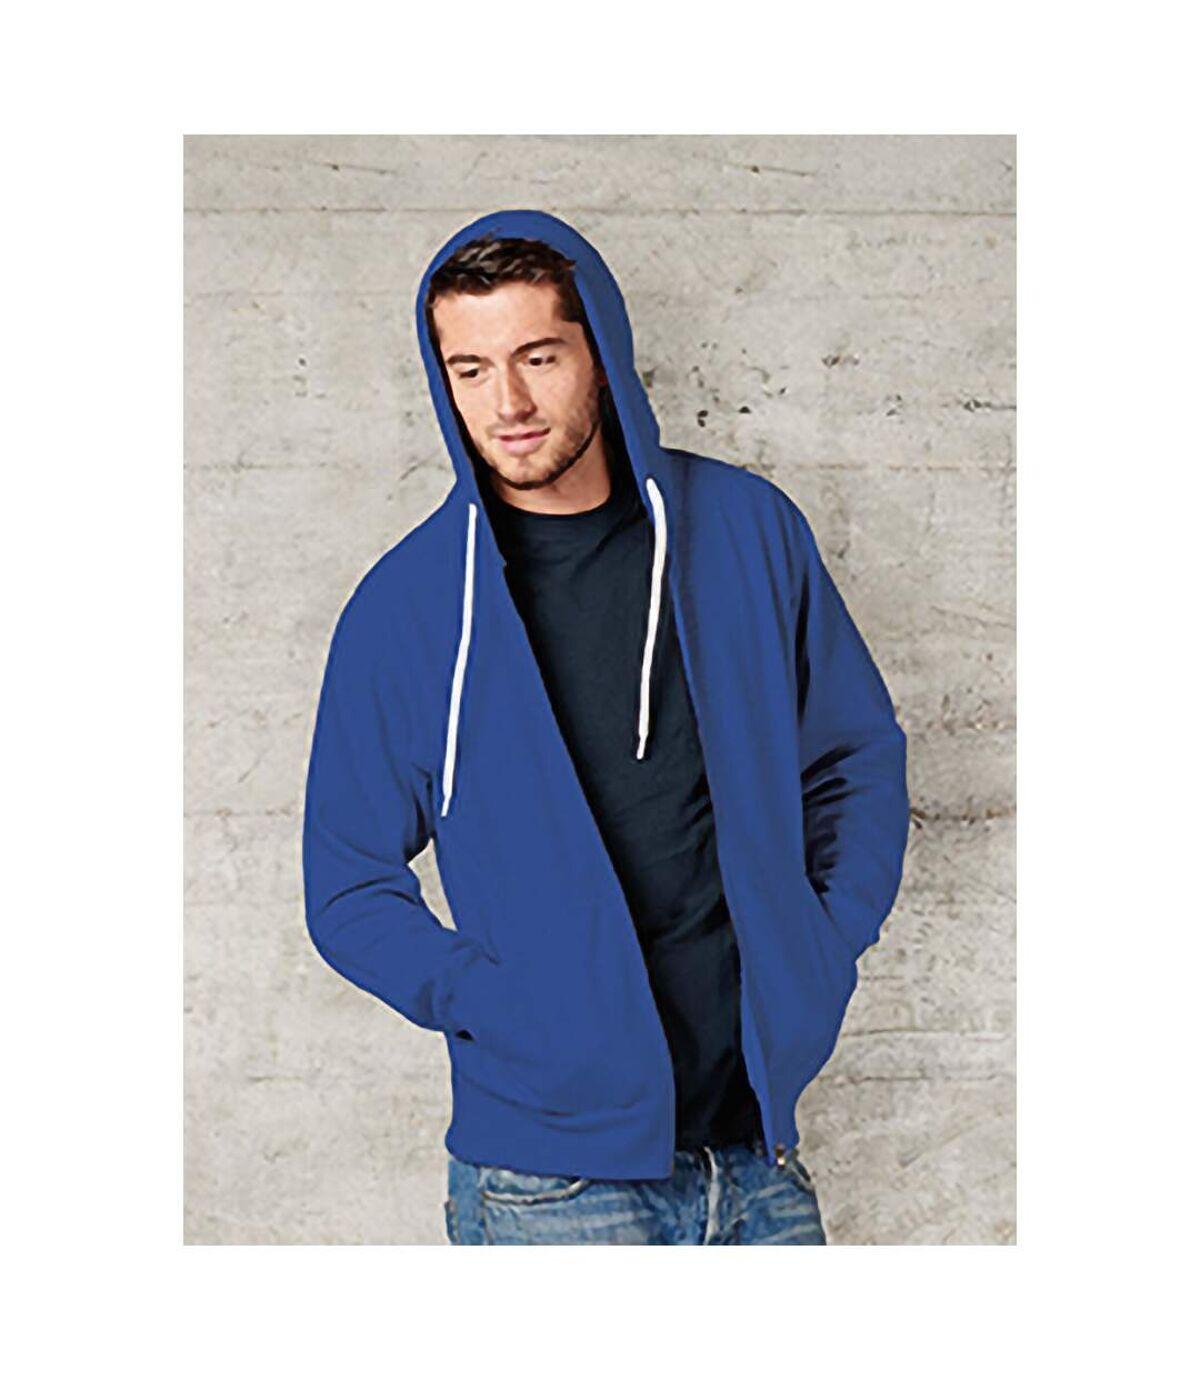 FDM - Sweatshirt à capuche et fermeture zippée - Homme (Bleu roi) - UTBC3184